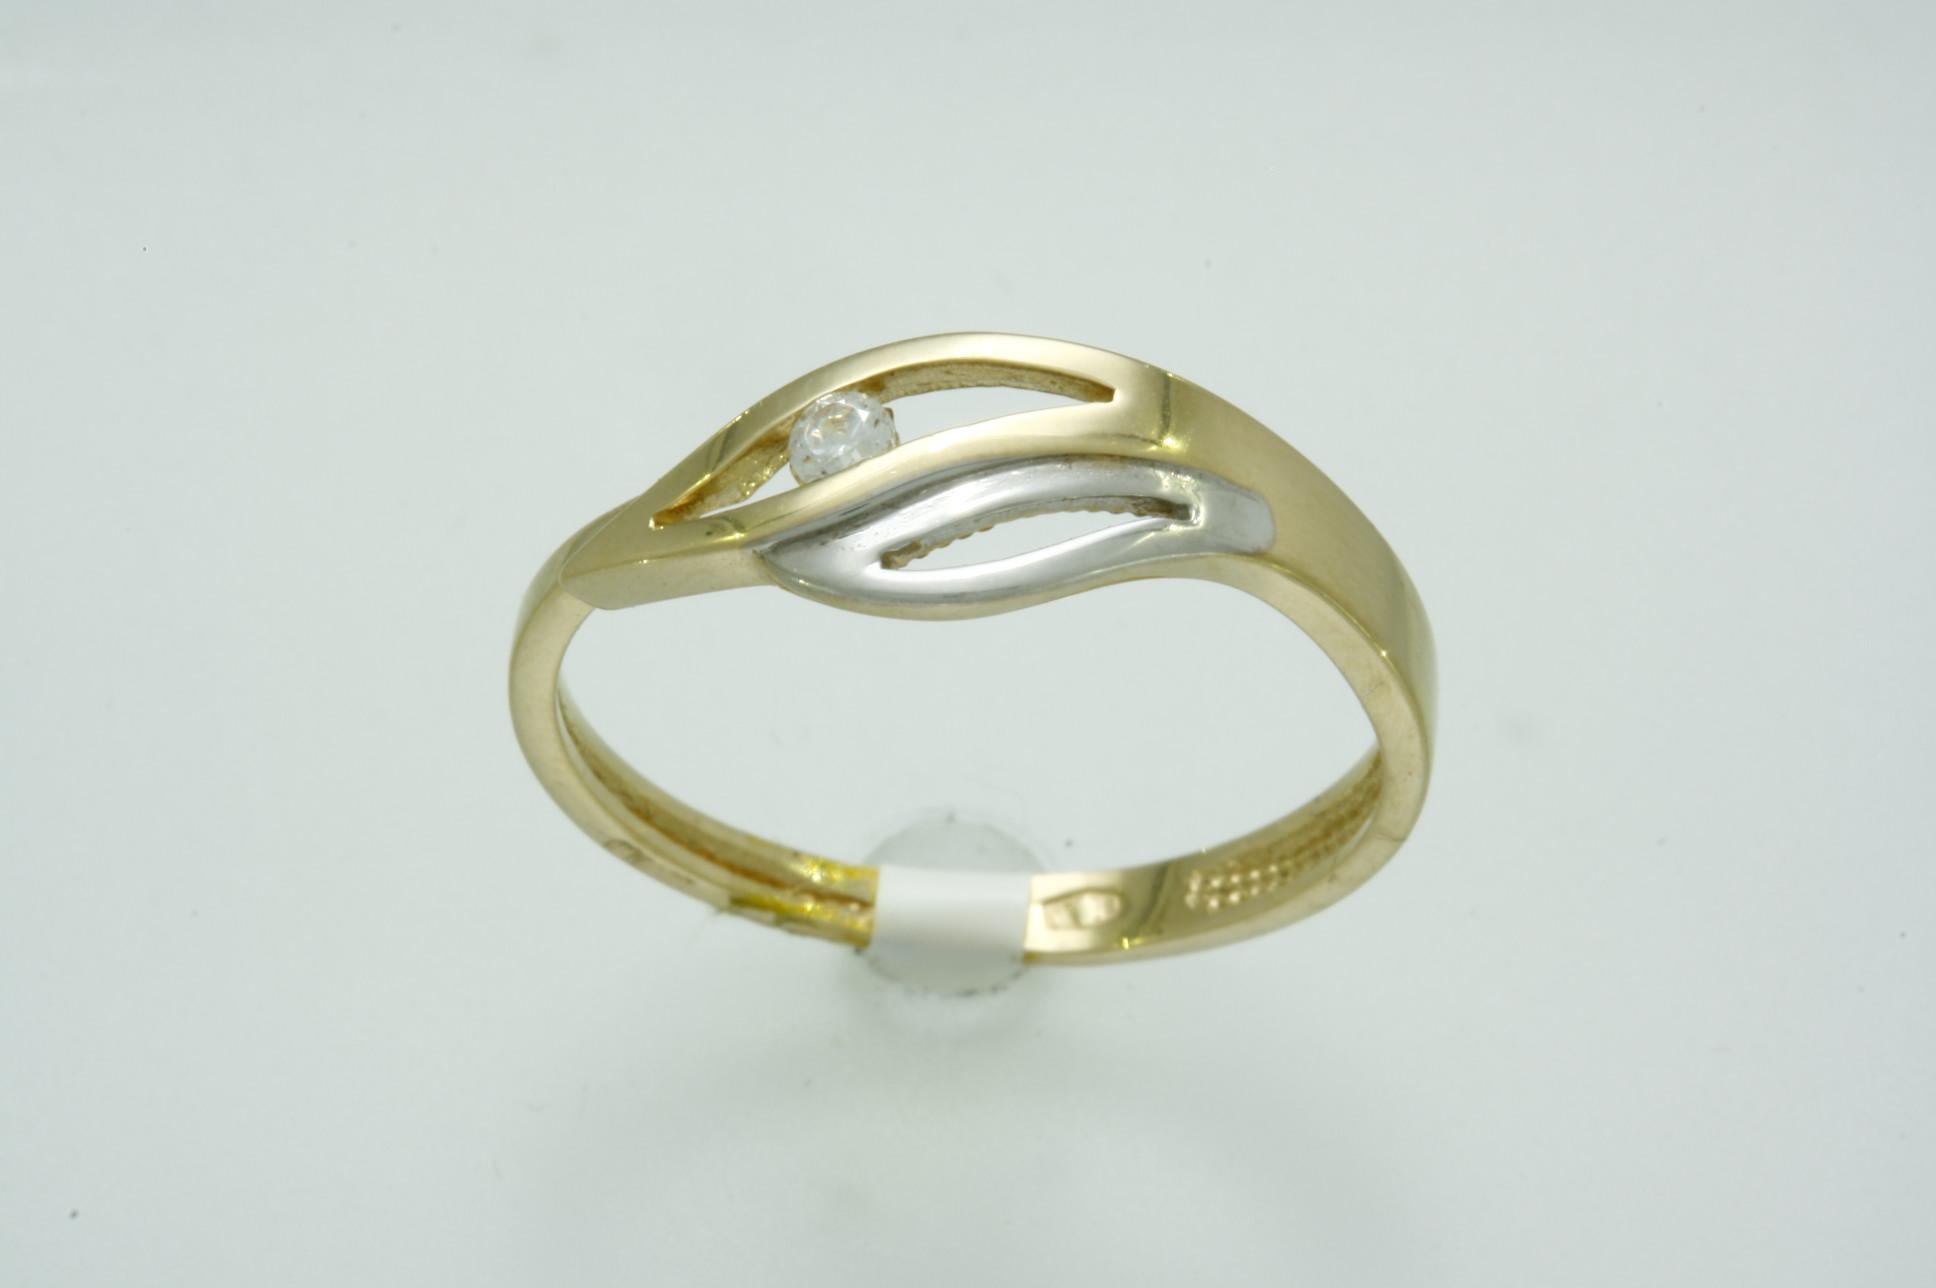 Arany gyűrűk esetében csakis a Kincsesháztól vásároljon!